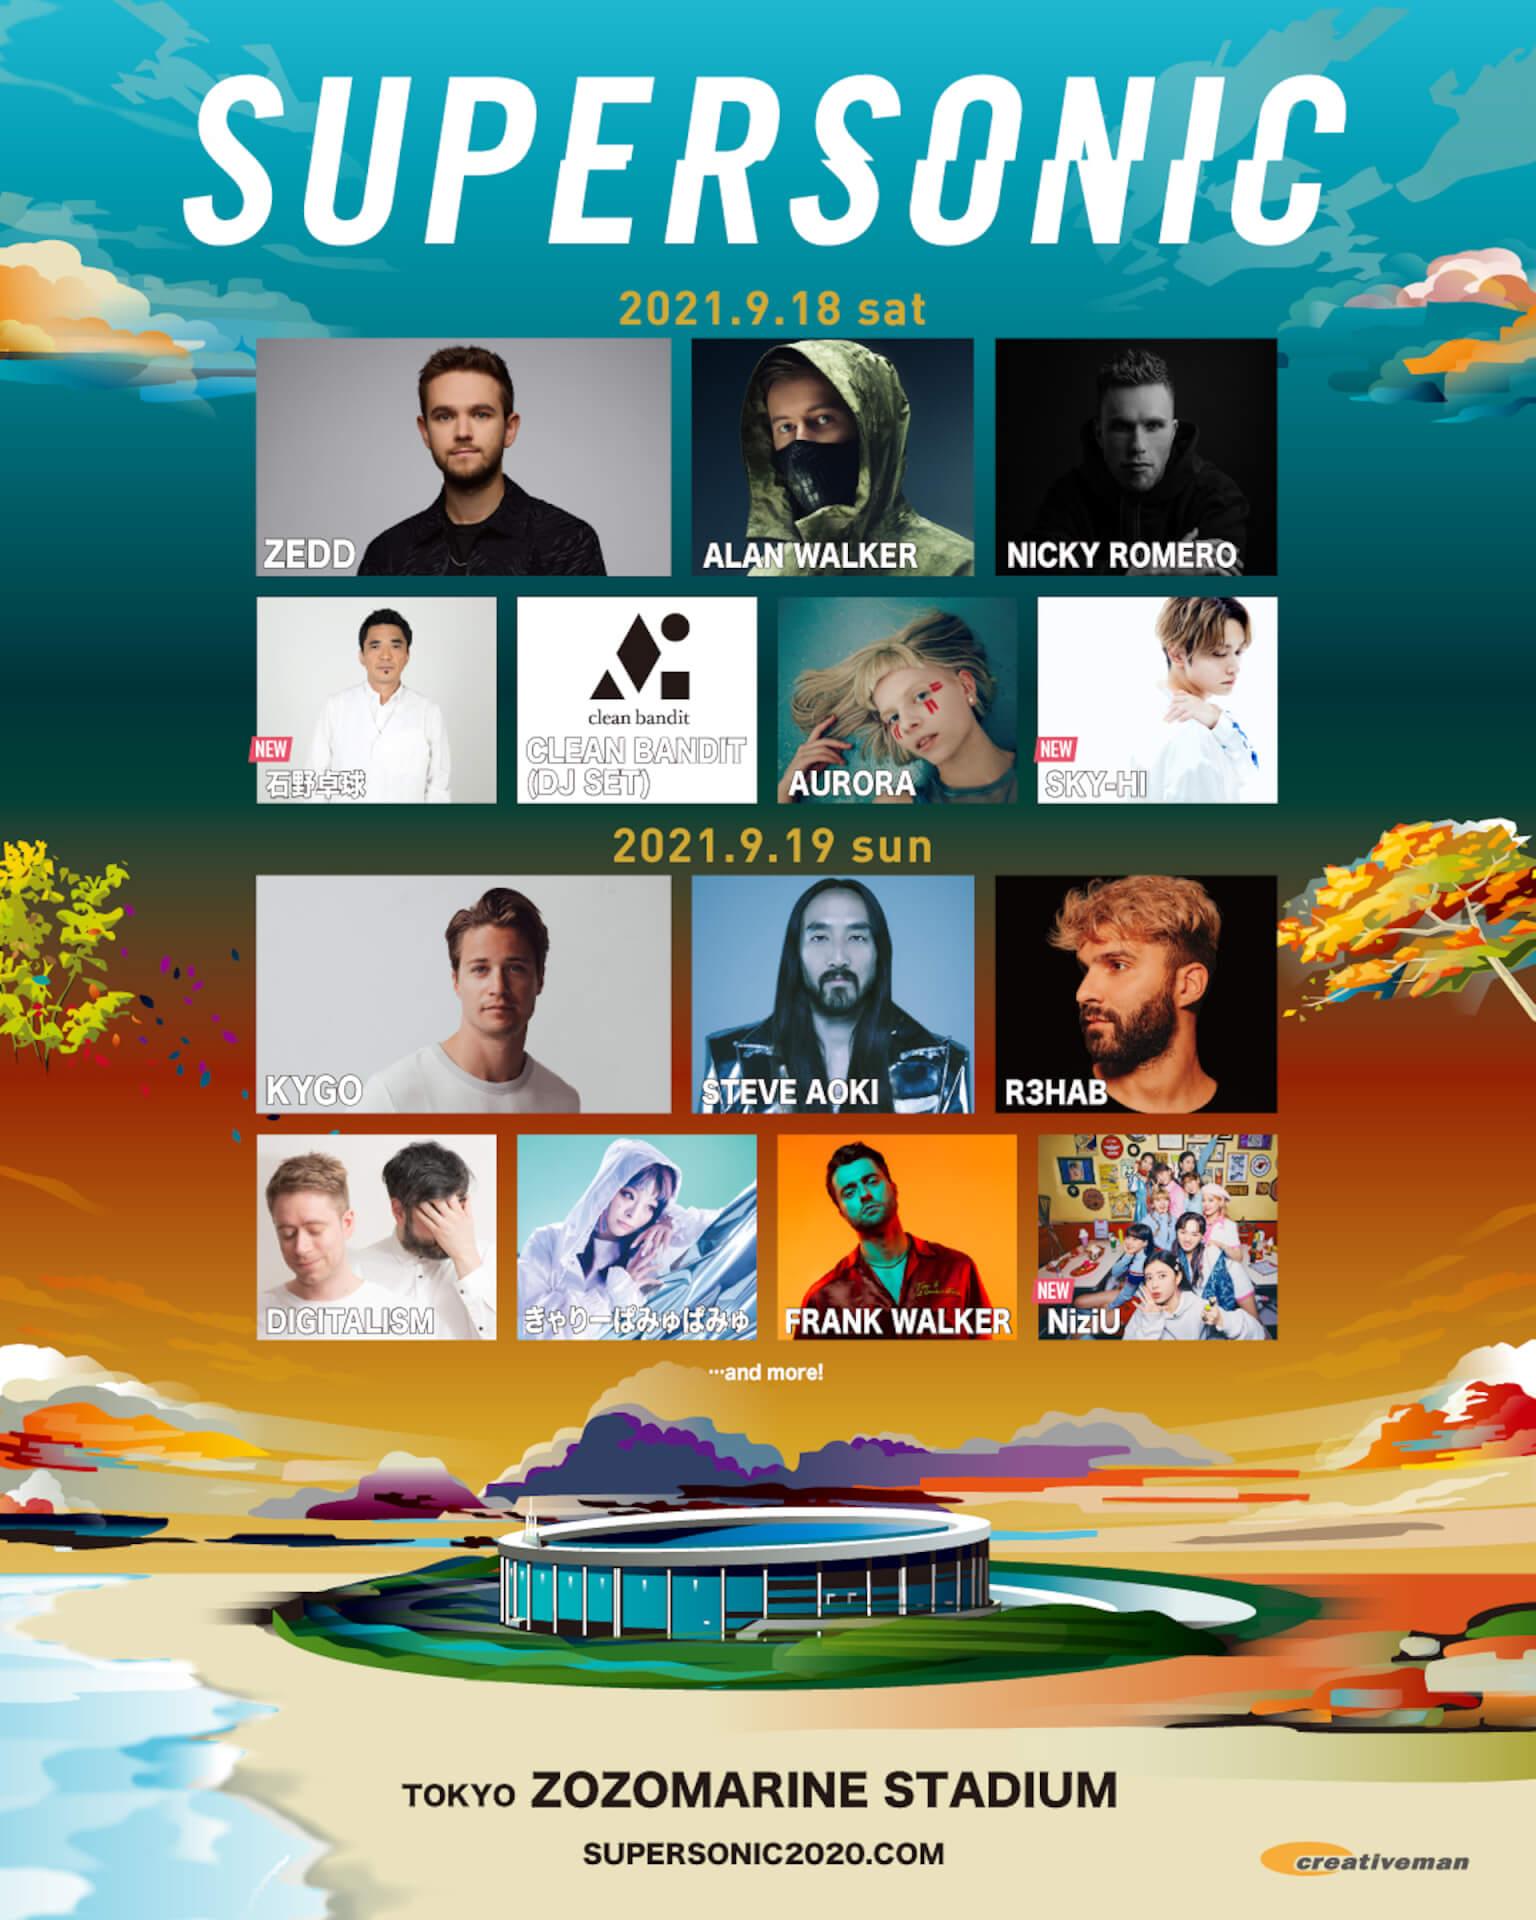 来月開催<SUPERSONIC>に石野卓球、NiziU、SKY-HIが出演決定!追加ラインナップ発表 music210805_supersonic_main